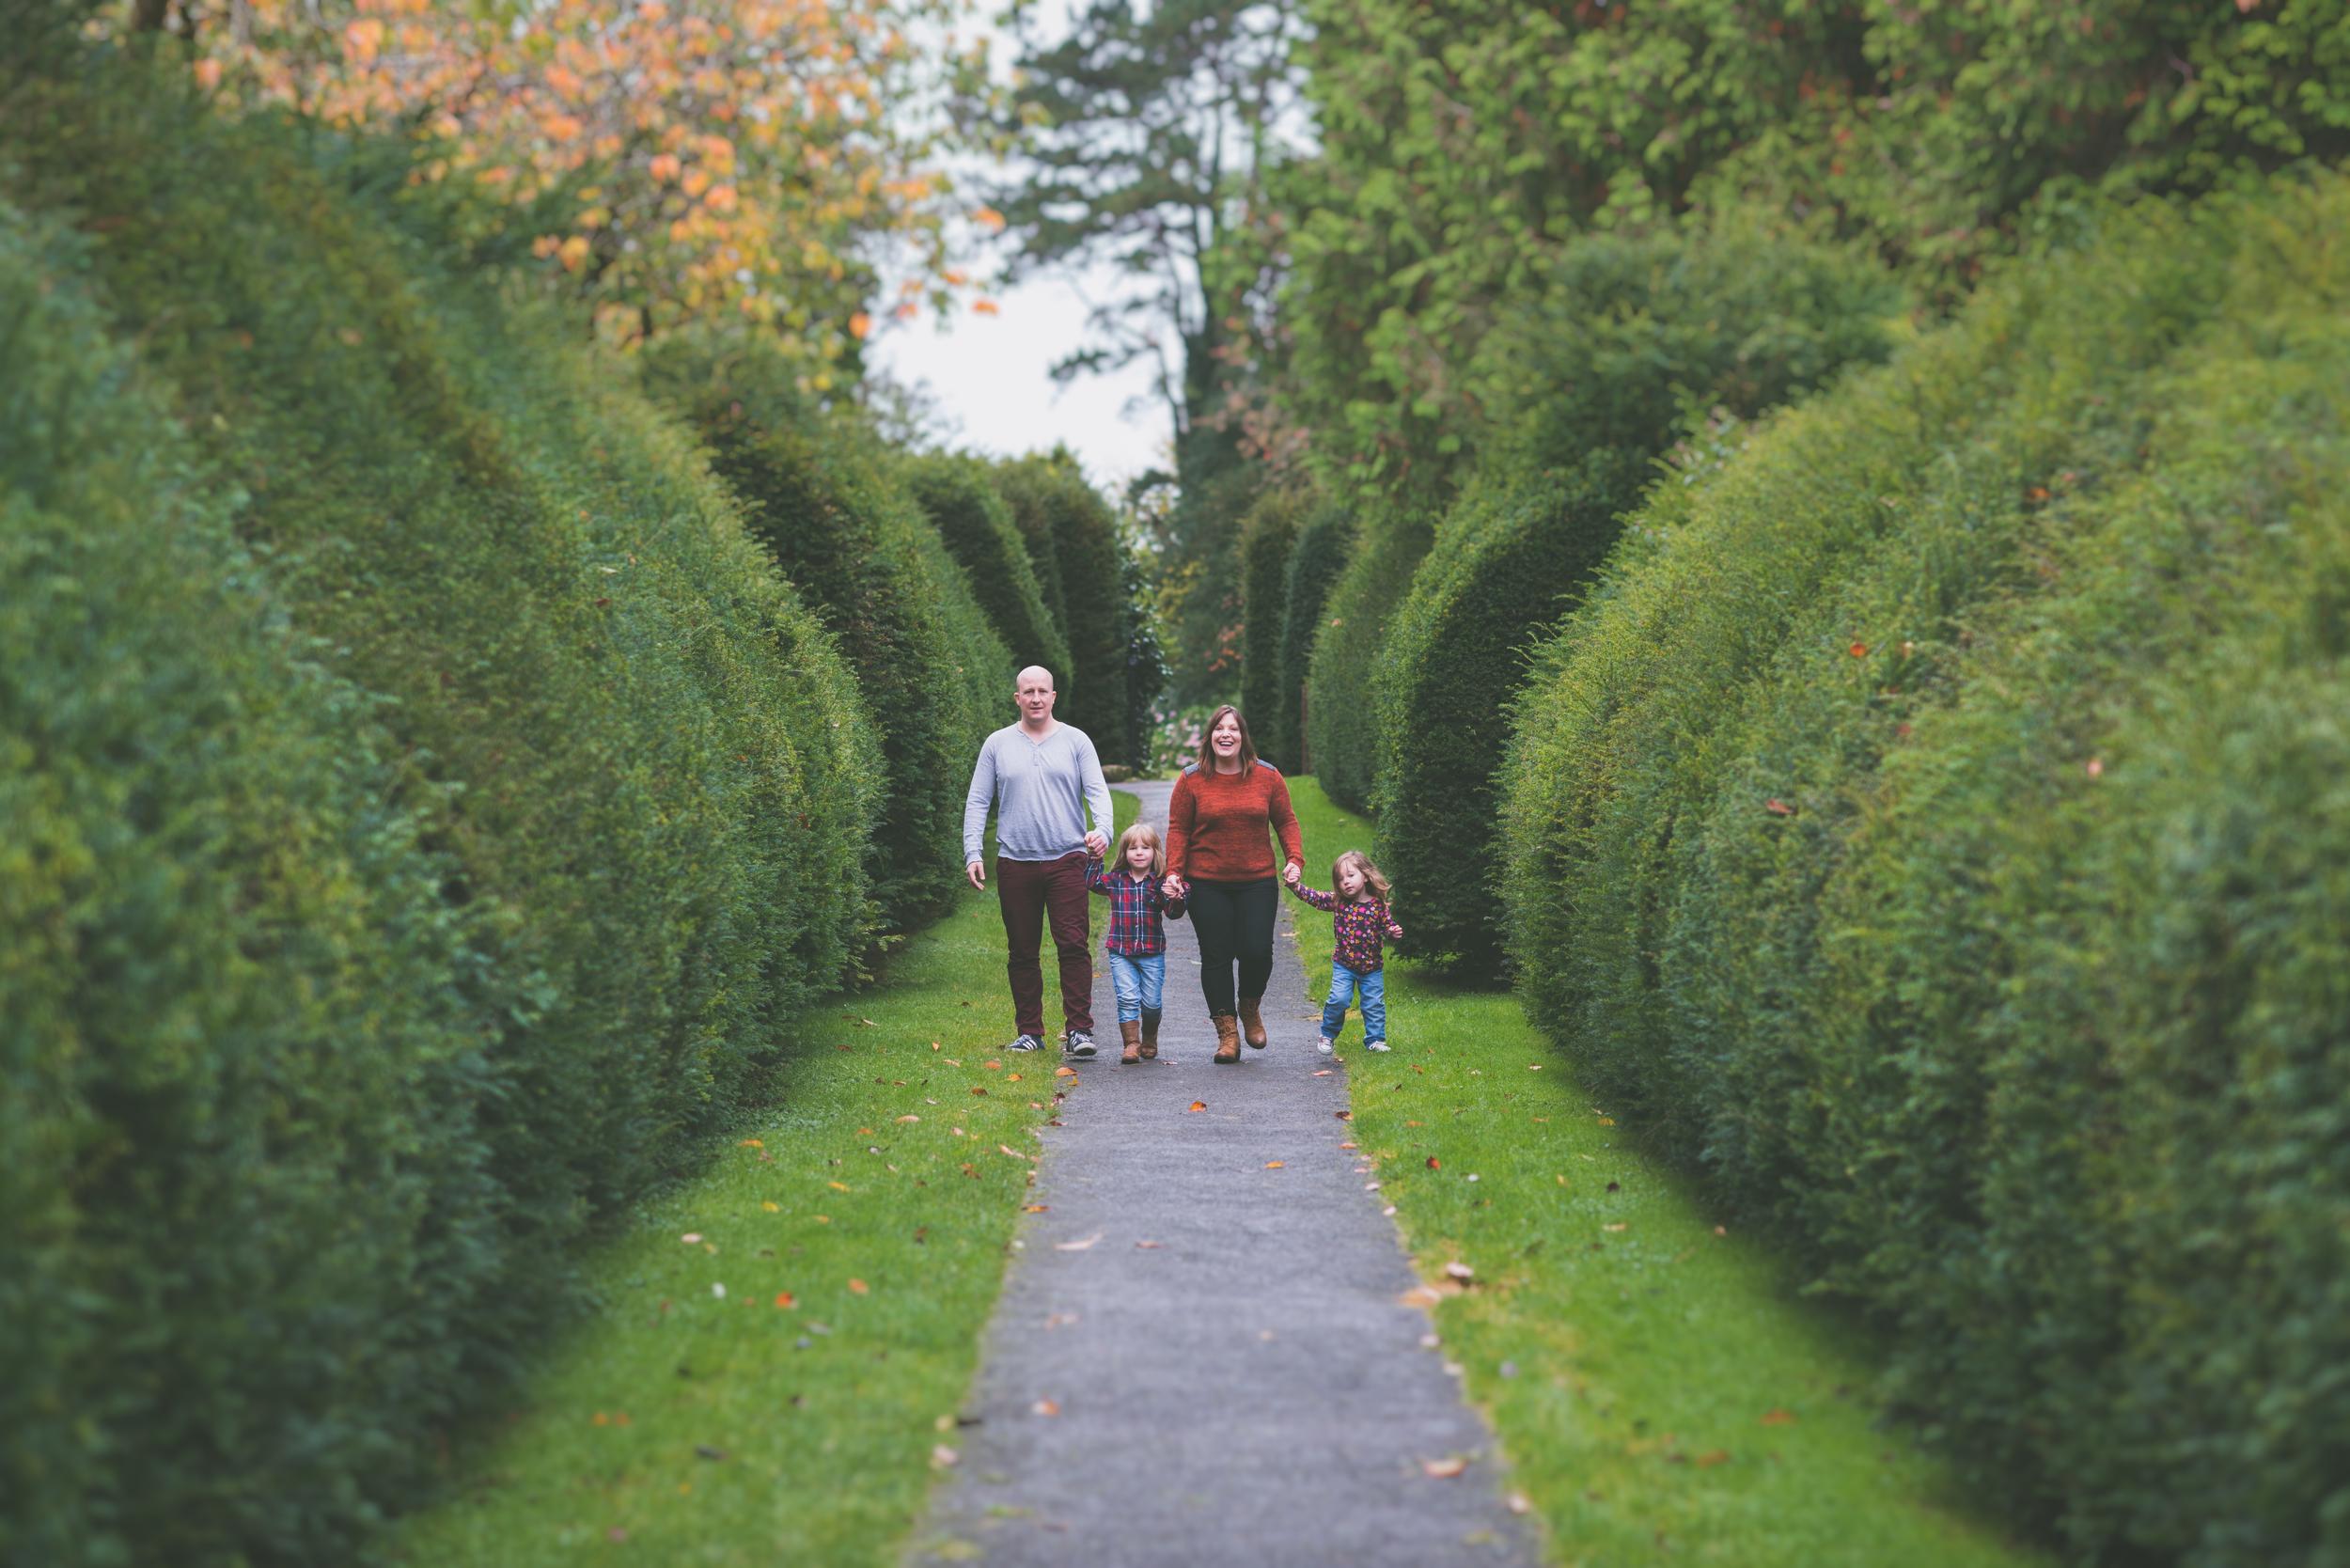 Northern_Ireland_Family_Photographer_Purephotoni_Lady_Dixons